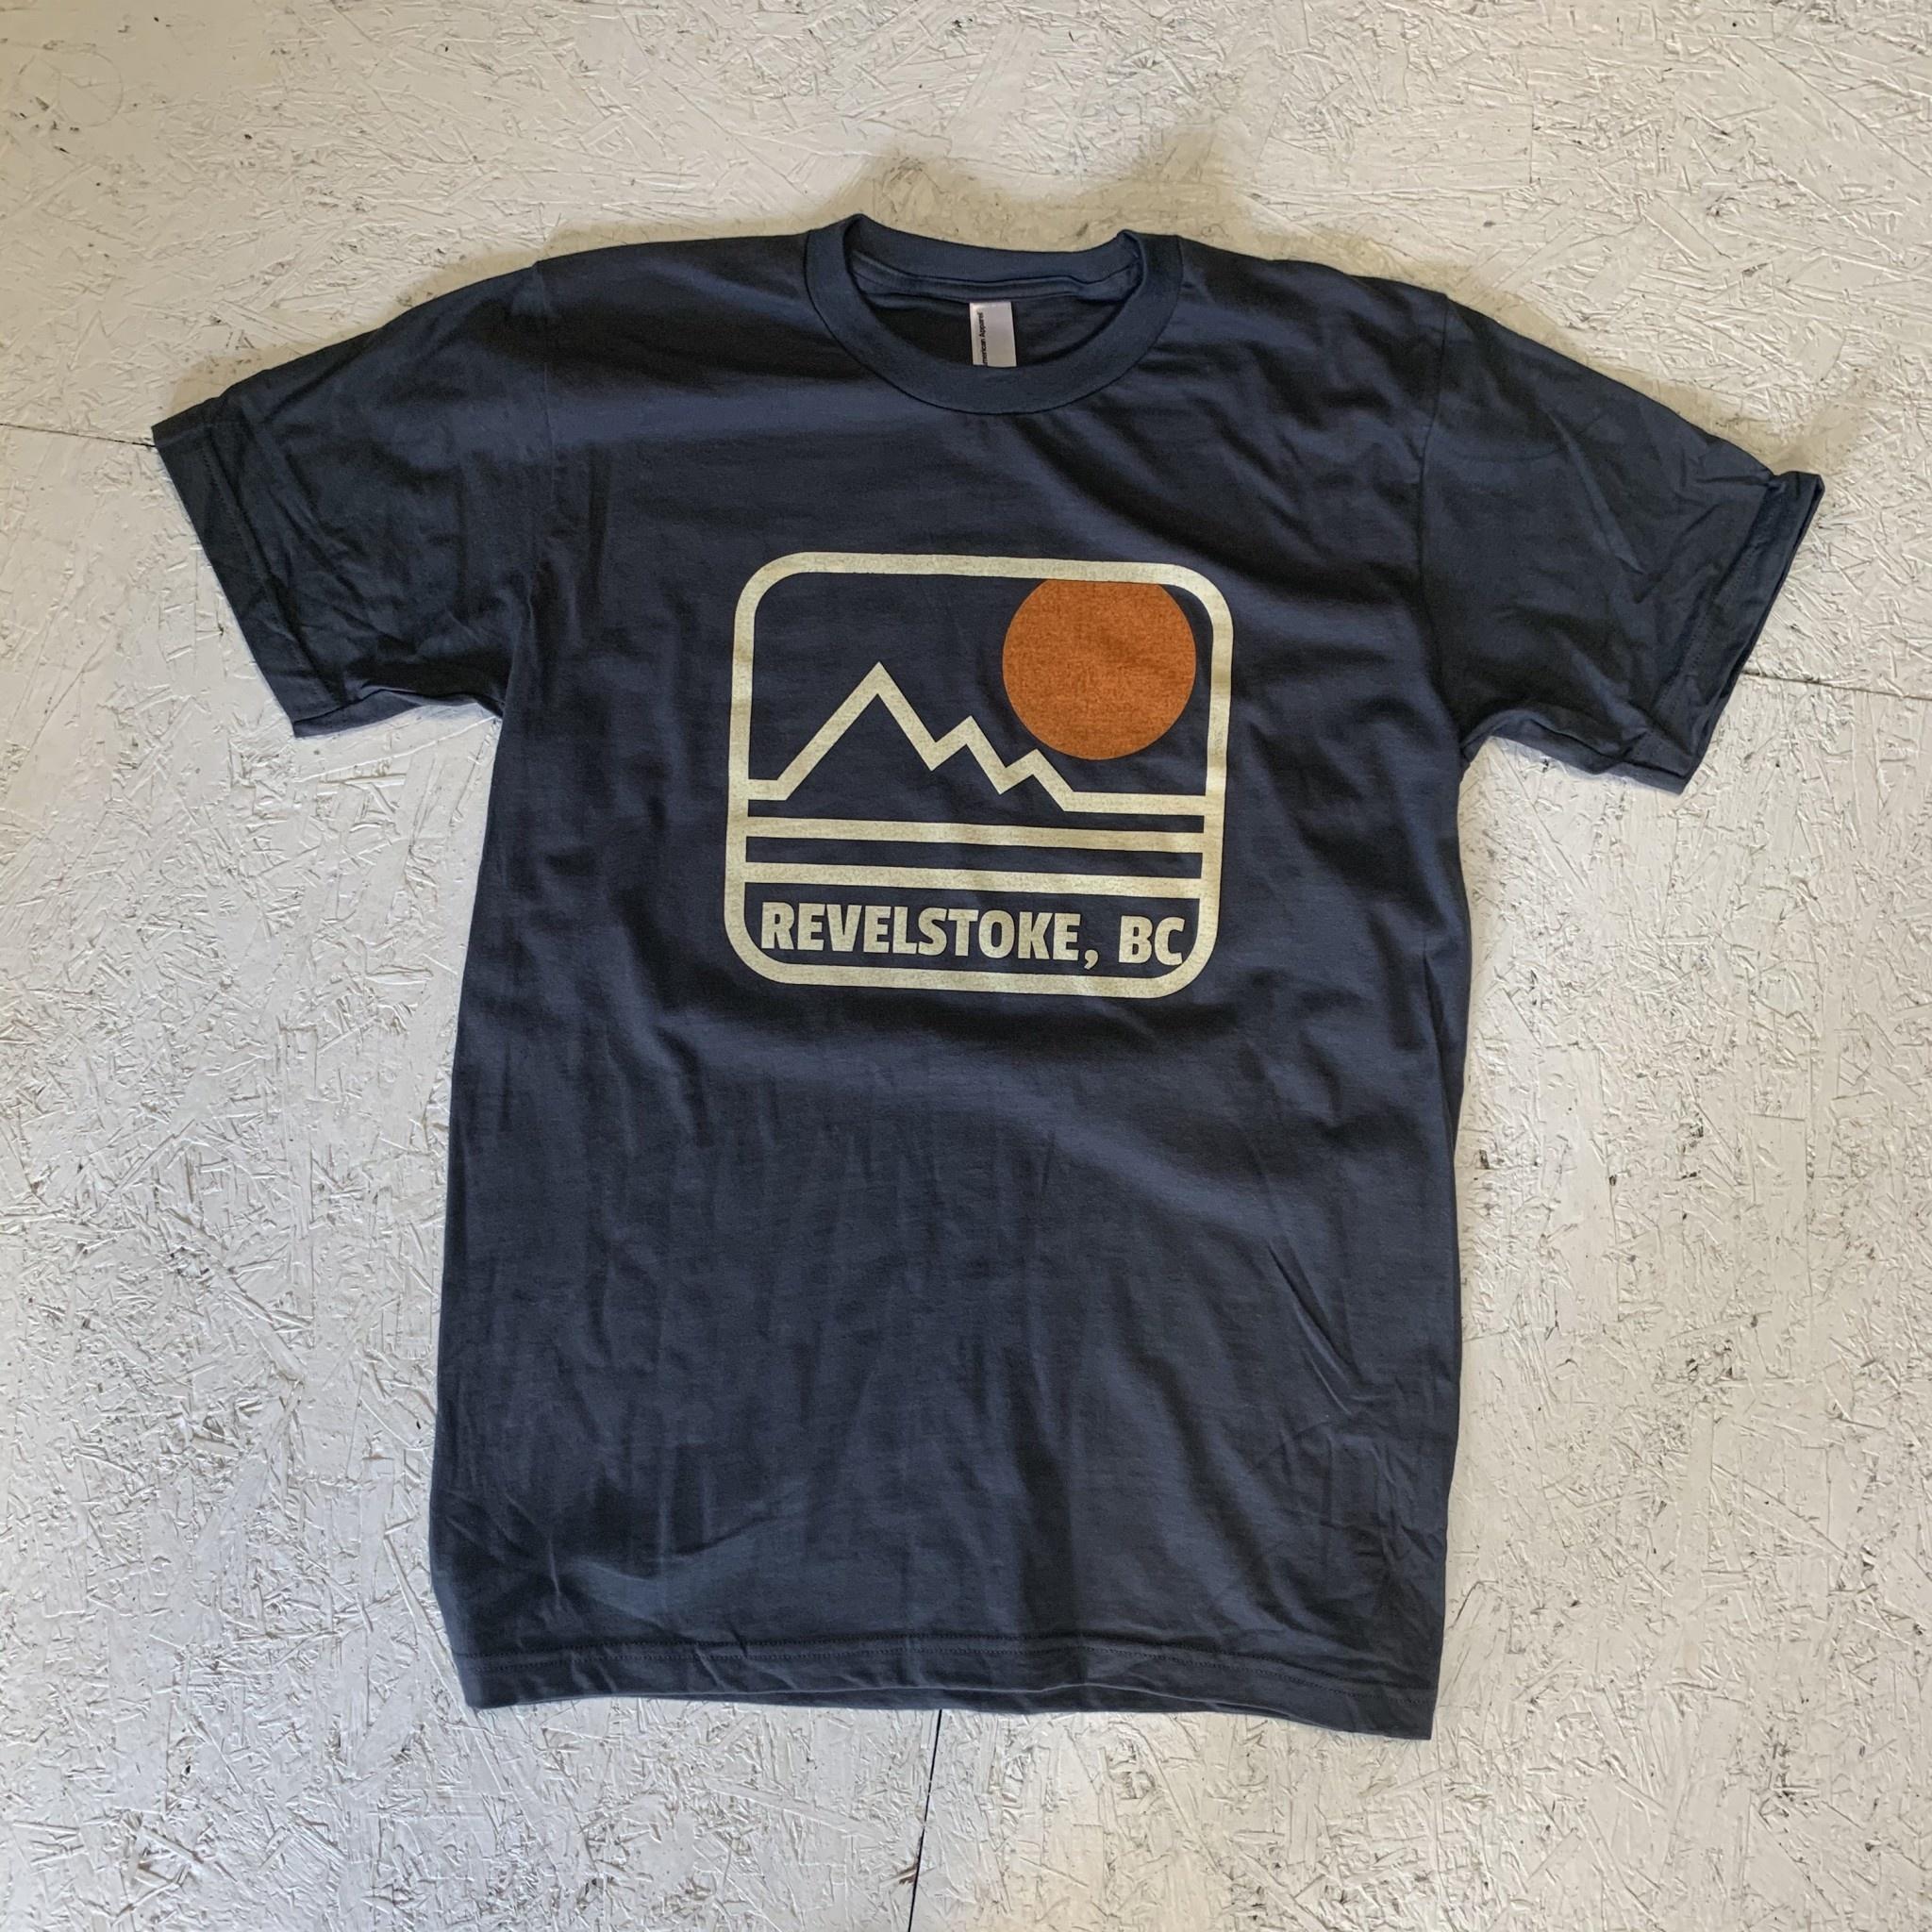 Revelstoke Trading Post Revelstoke - Retro Tee